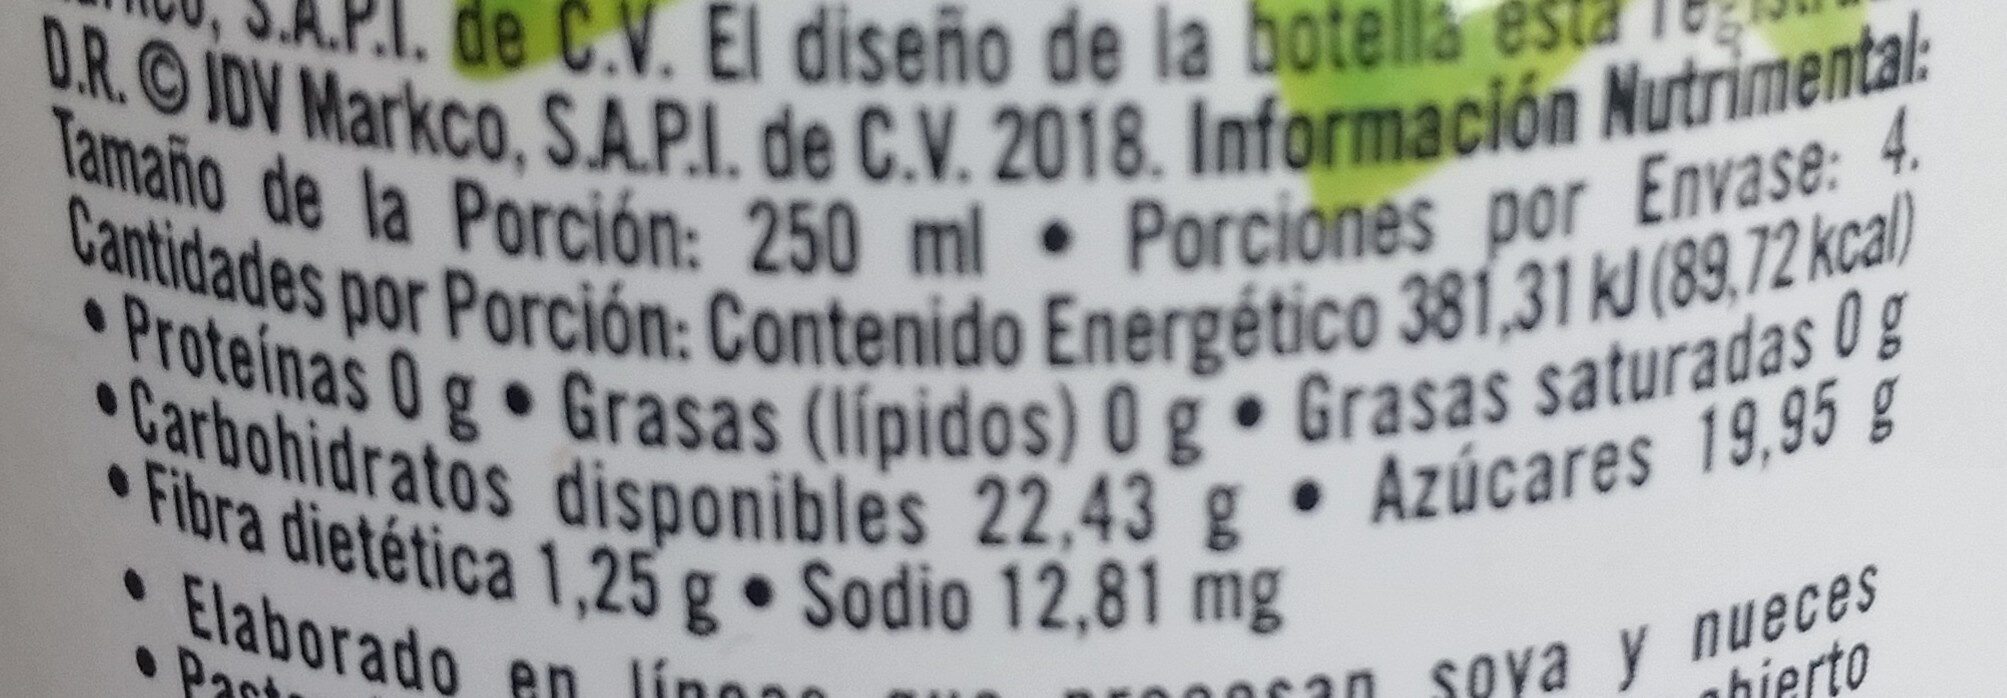 Néctar de mango - Información nutricional - es